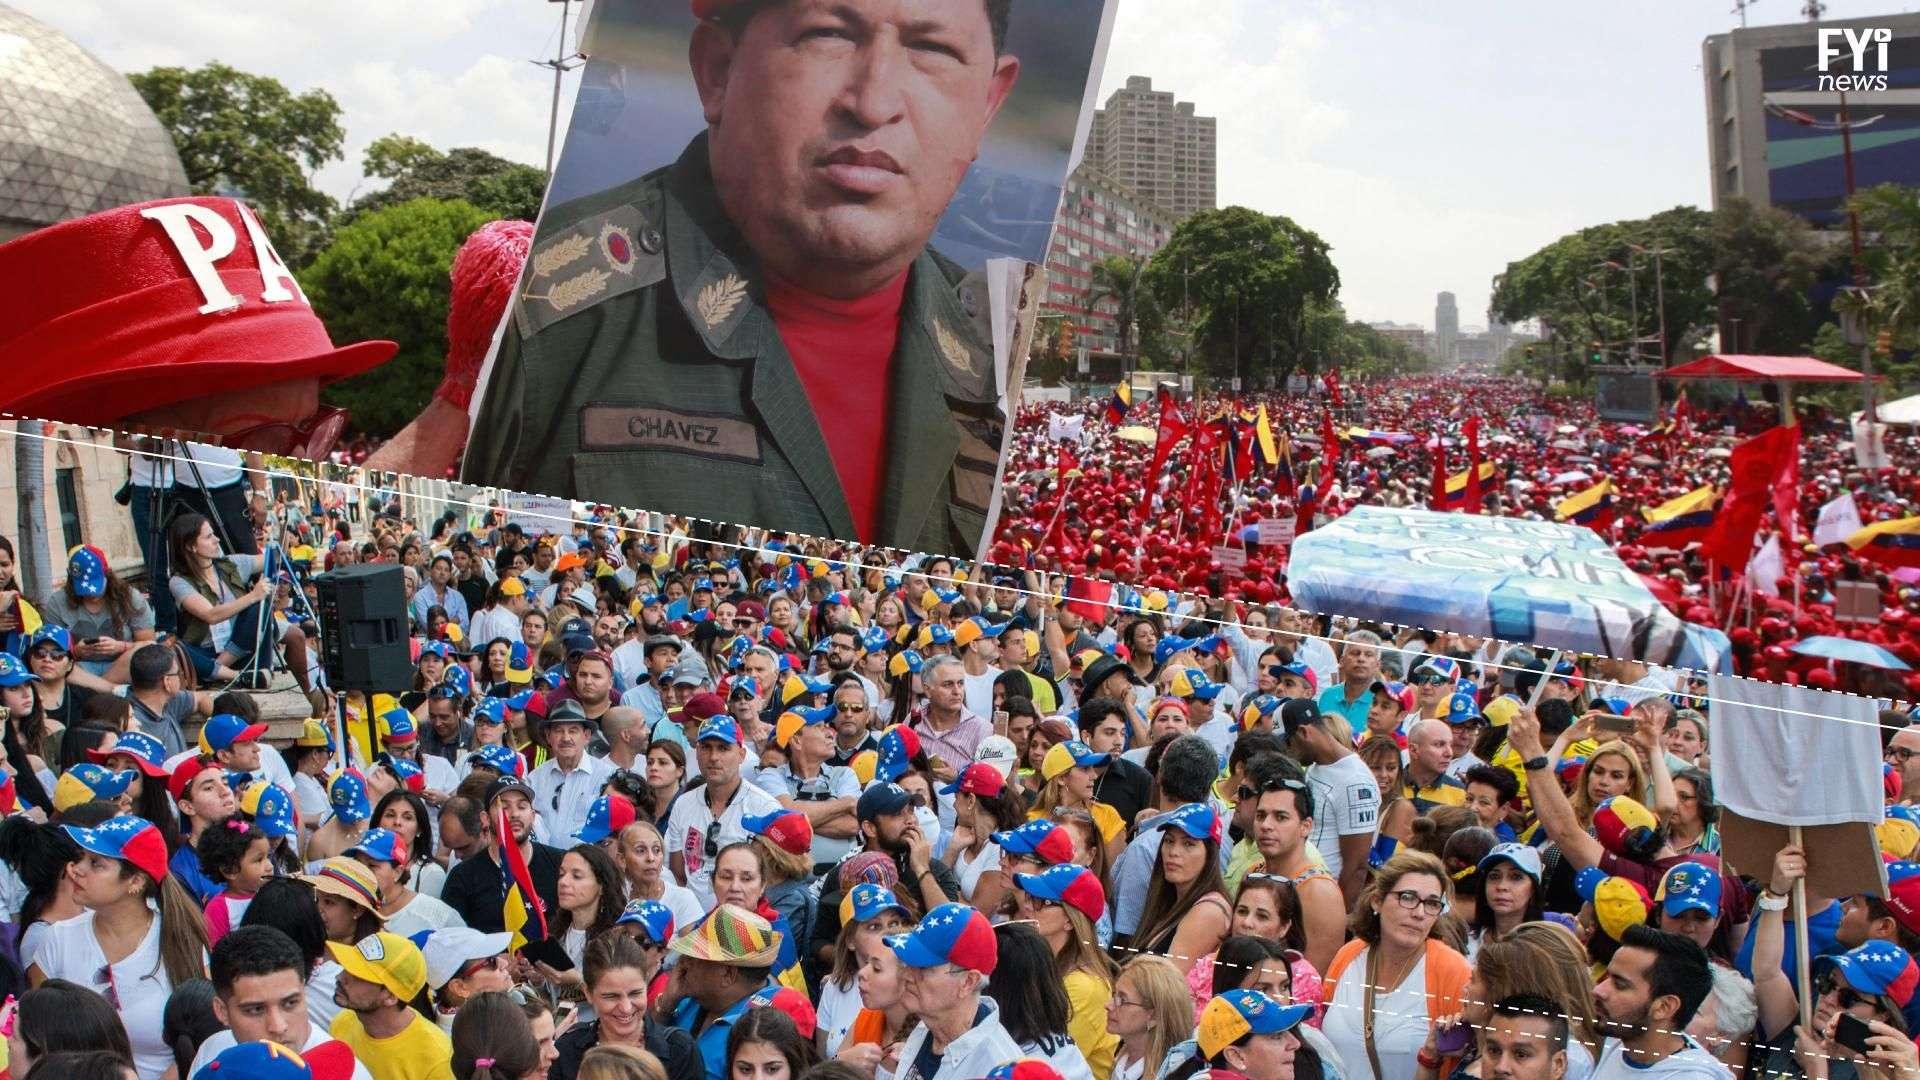 La realidad en Venezuela: protesta, represión y muerte